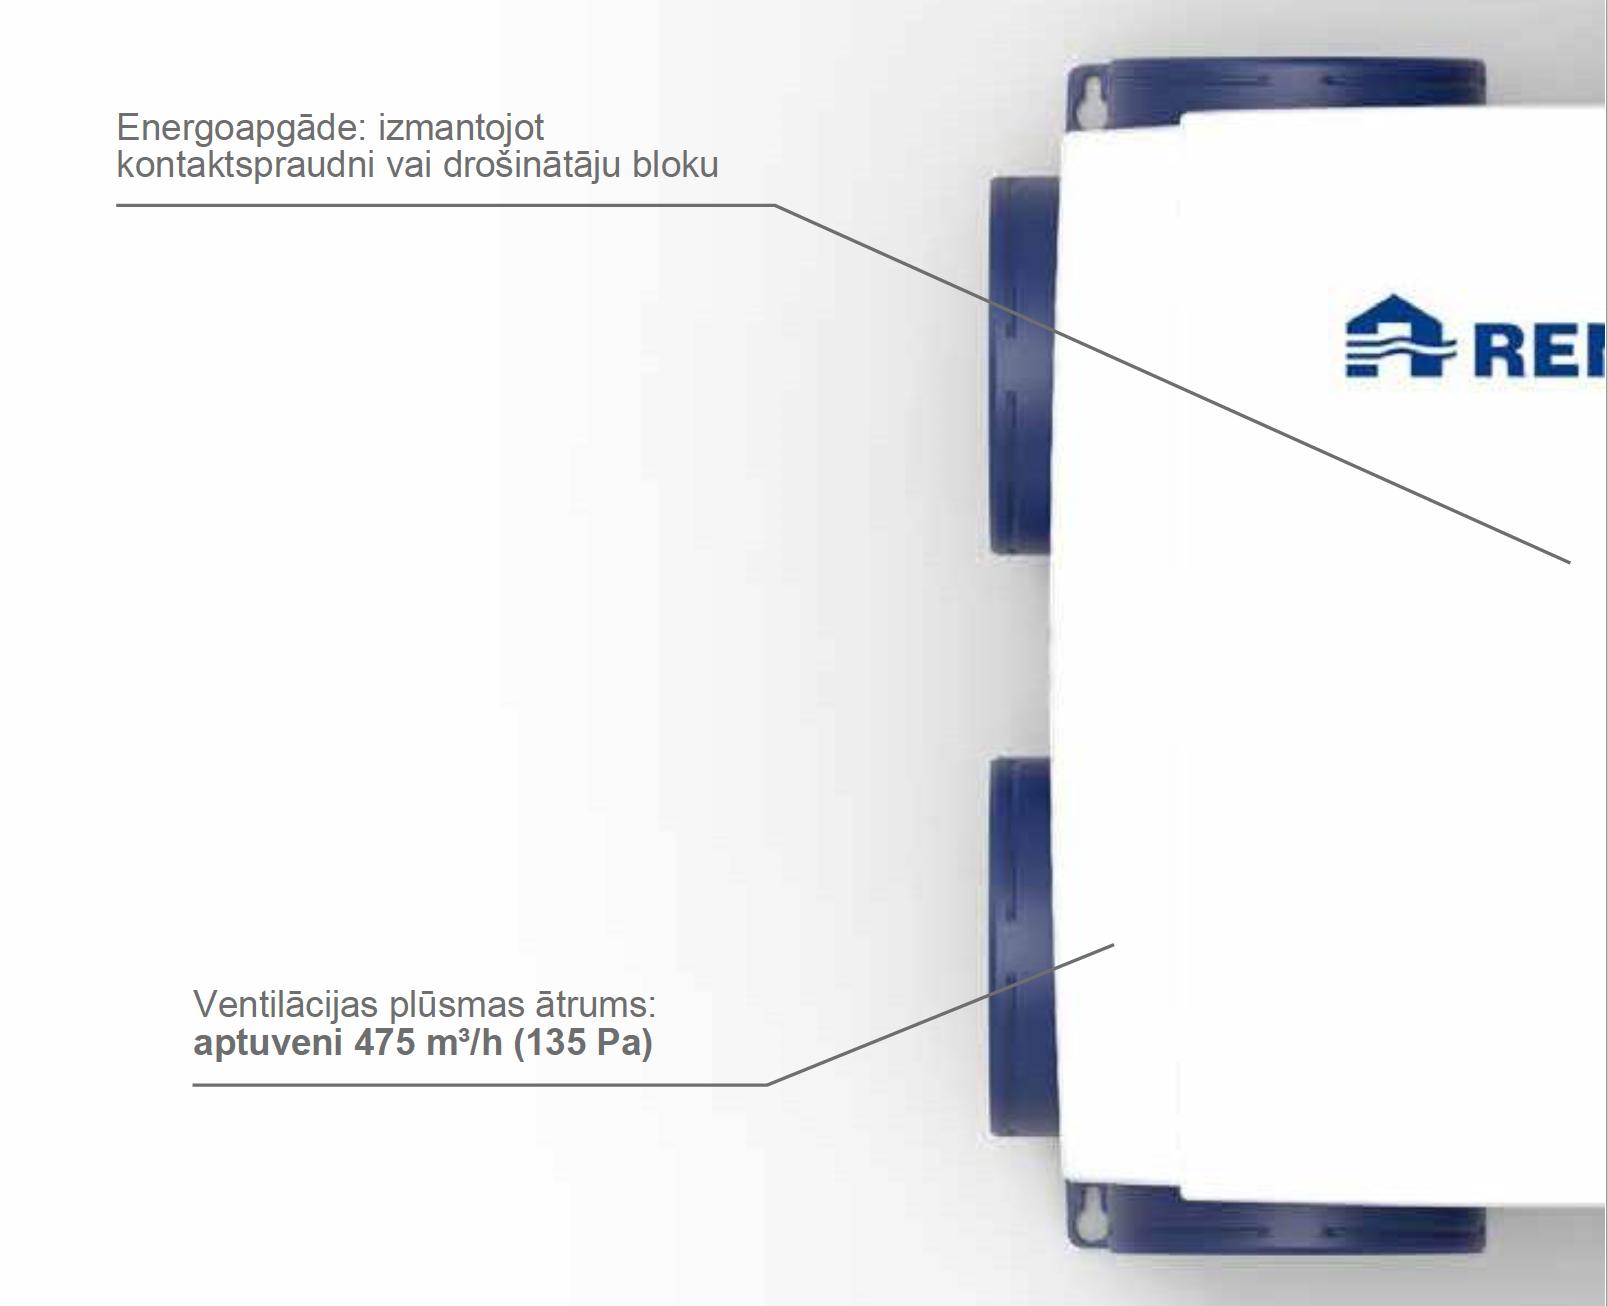 Ventilācija RENSON Healthbox 3.0 energoefektivitātei